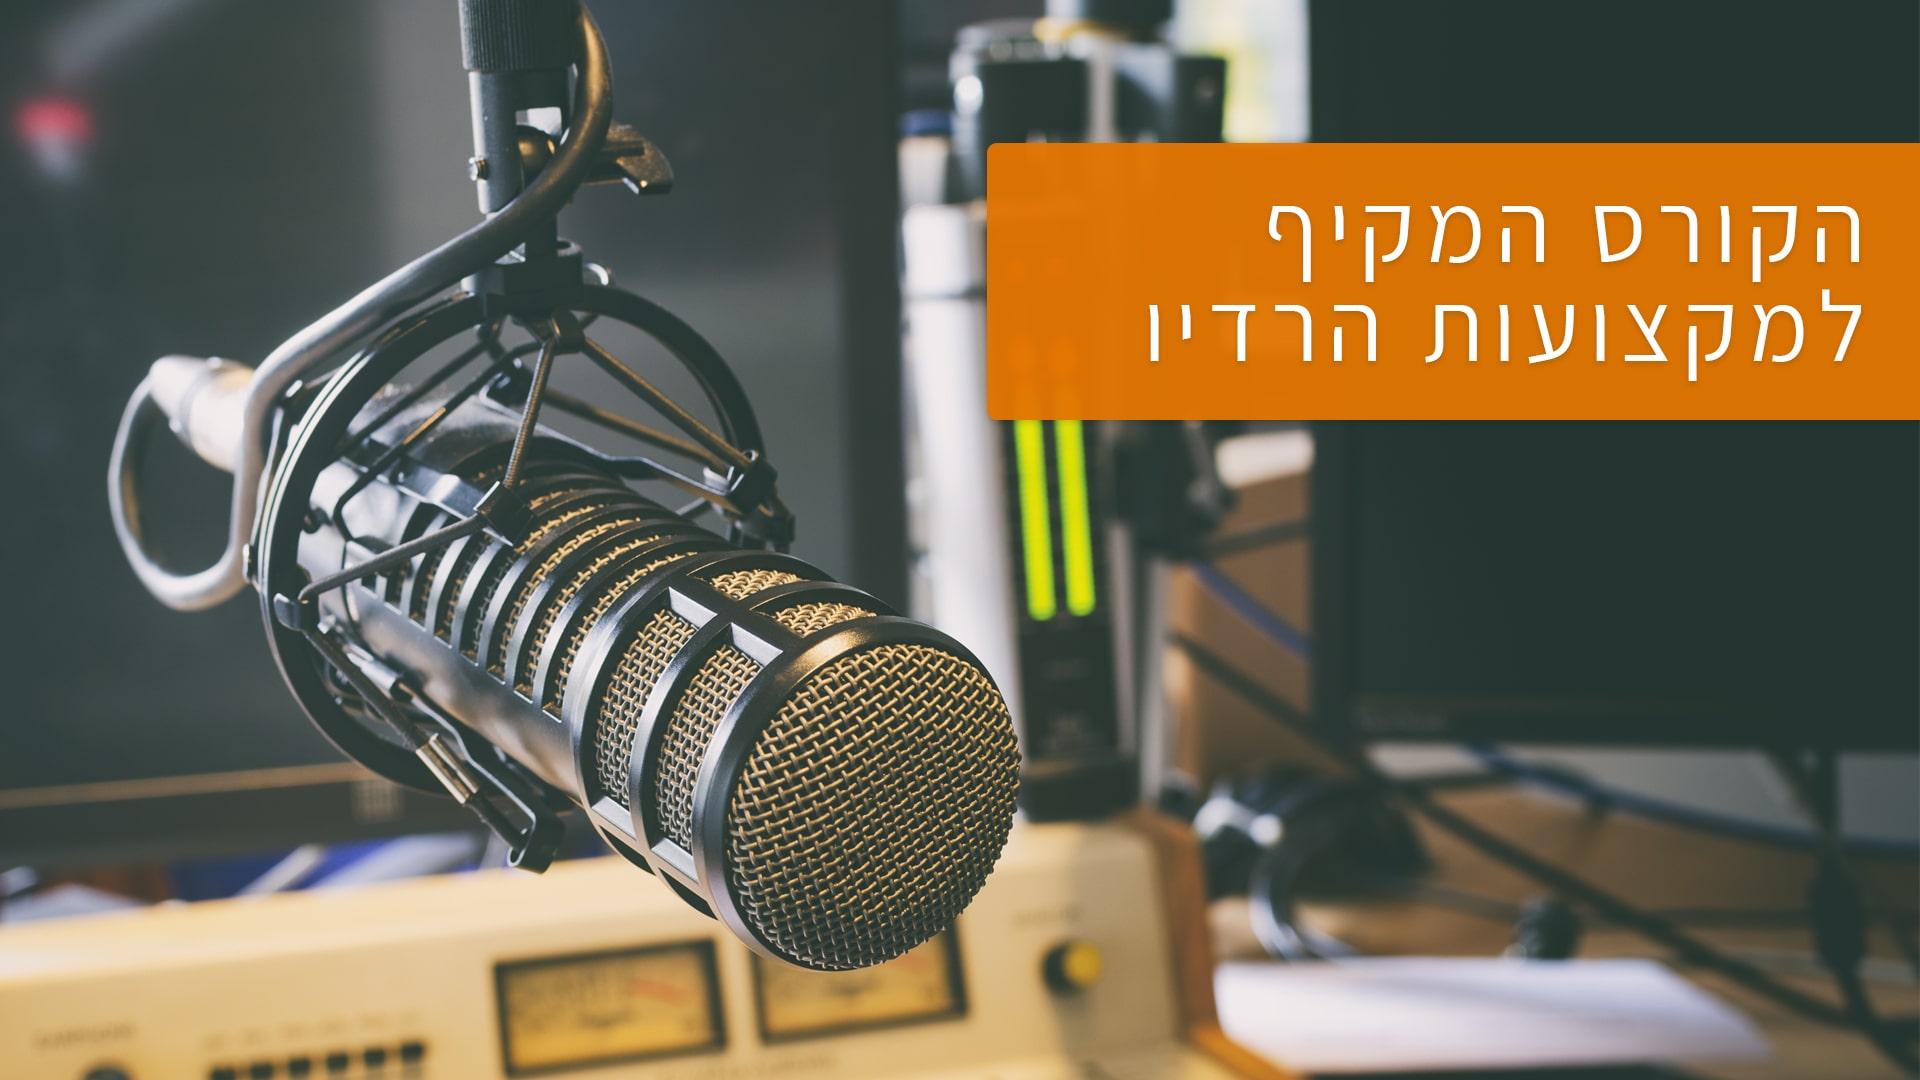 קורס מקצועות הרדיו 2019 | אלעד שבר תקשורת